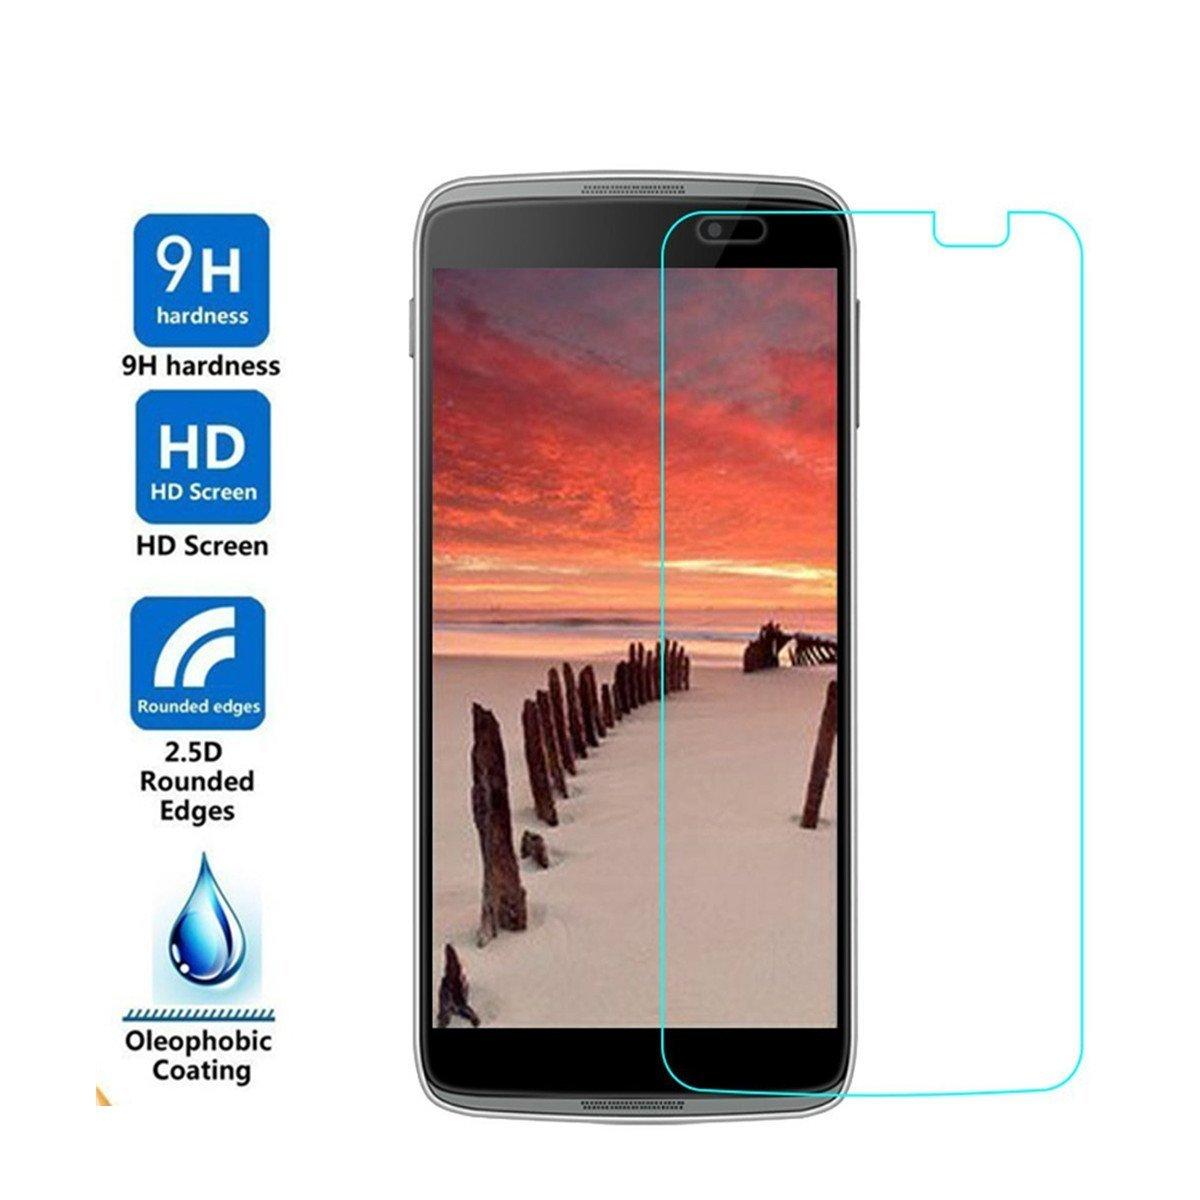 """Закаленное защитное стекло пленка для Alcatel One Touch POP C5 C7 C9 Pop 3 5,5 """"5025D 5,0"""" 5015D Pixi3 4,5 """"5019D 5017D PIXI 4 Idol3"""